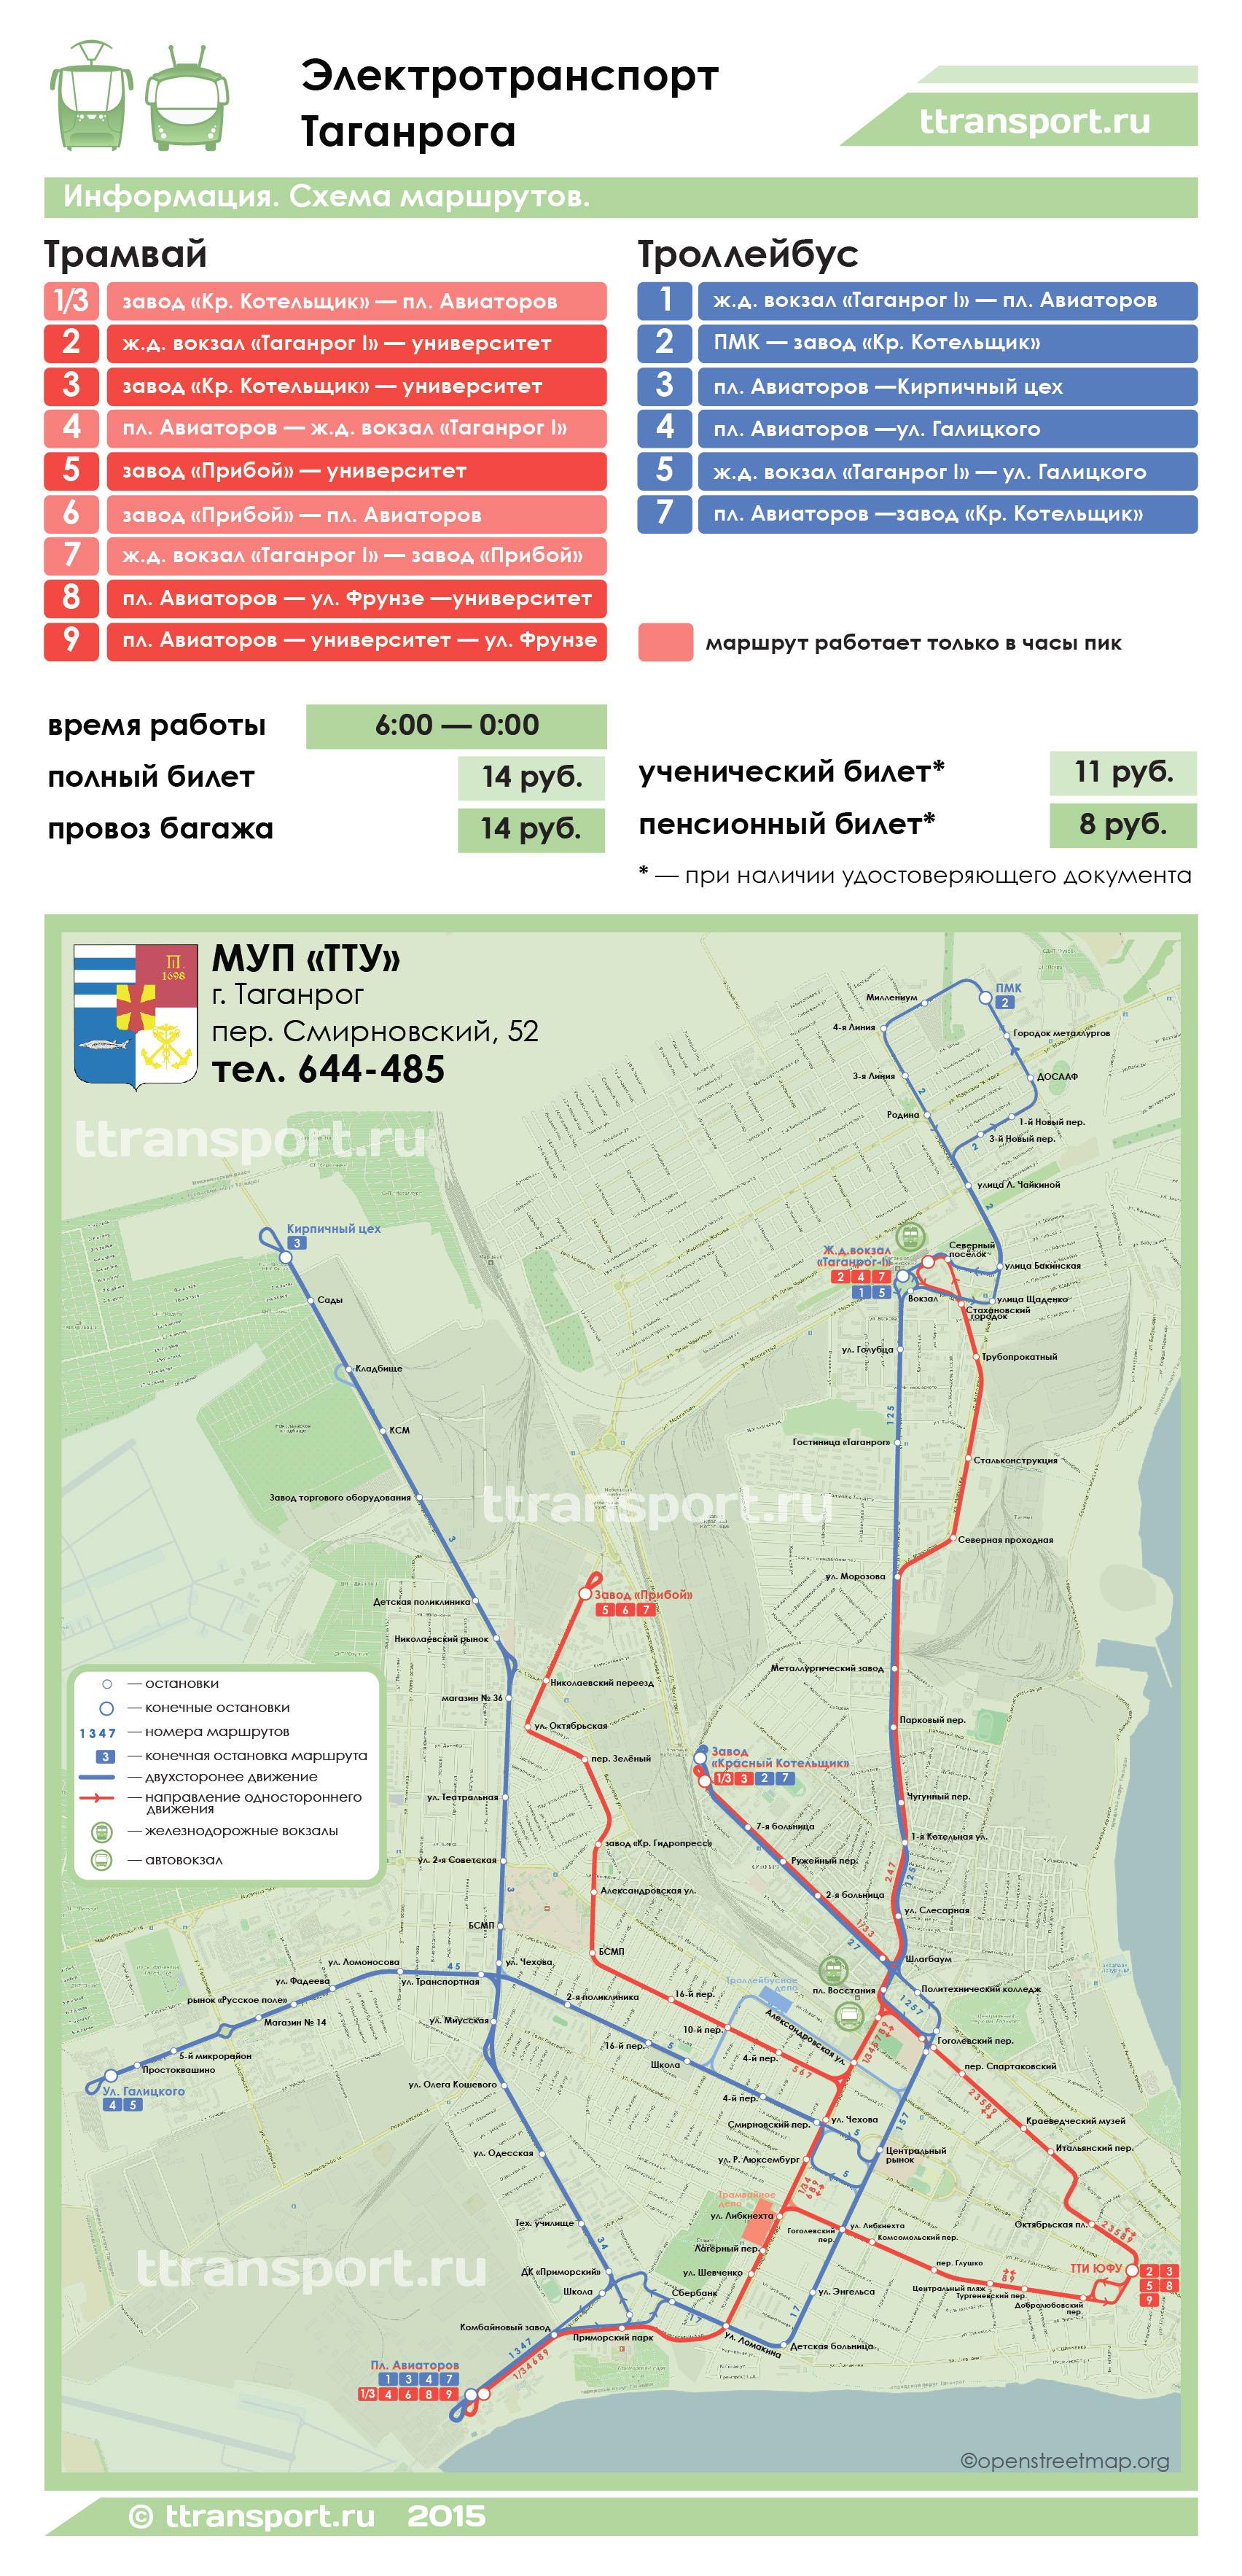 Таганрог. Электротранспорт Таганрога